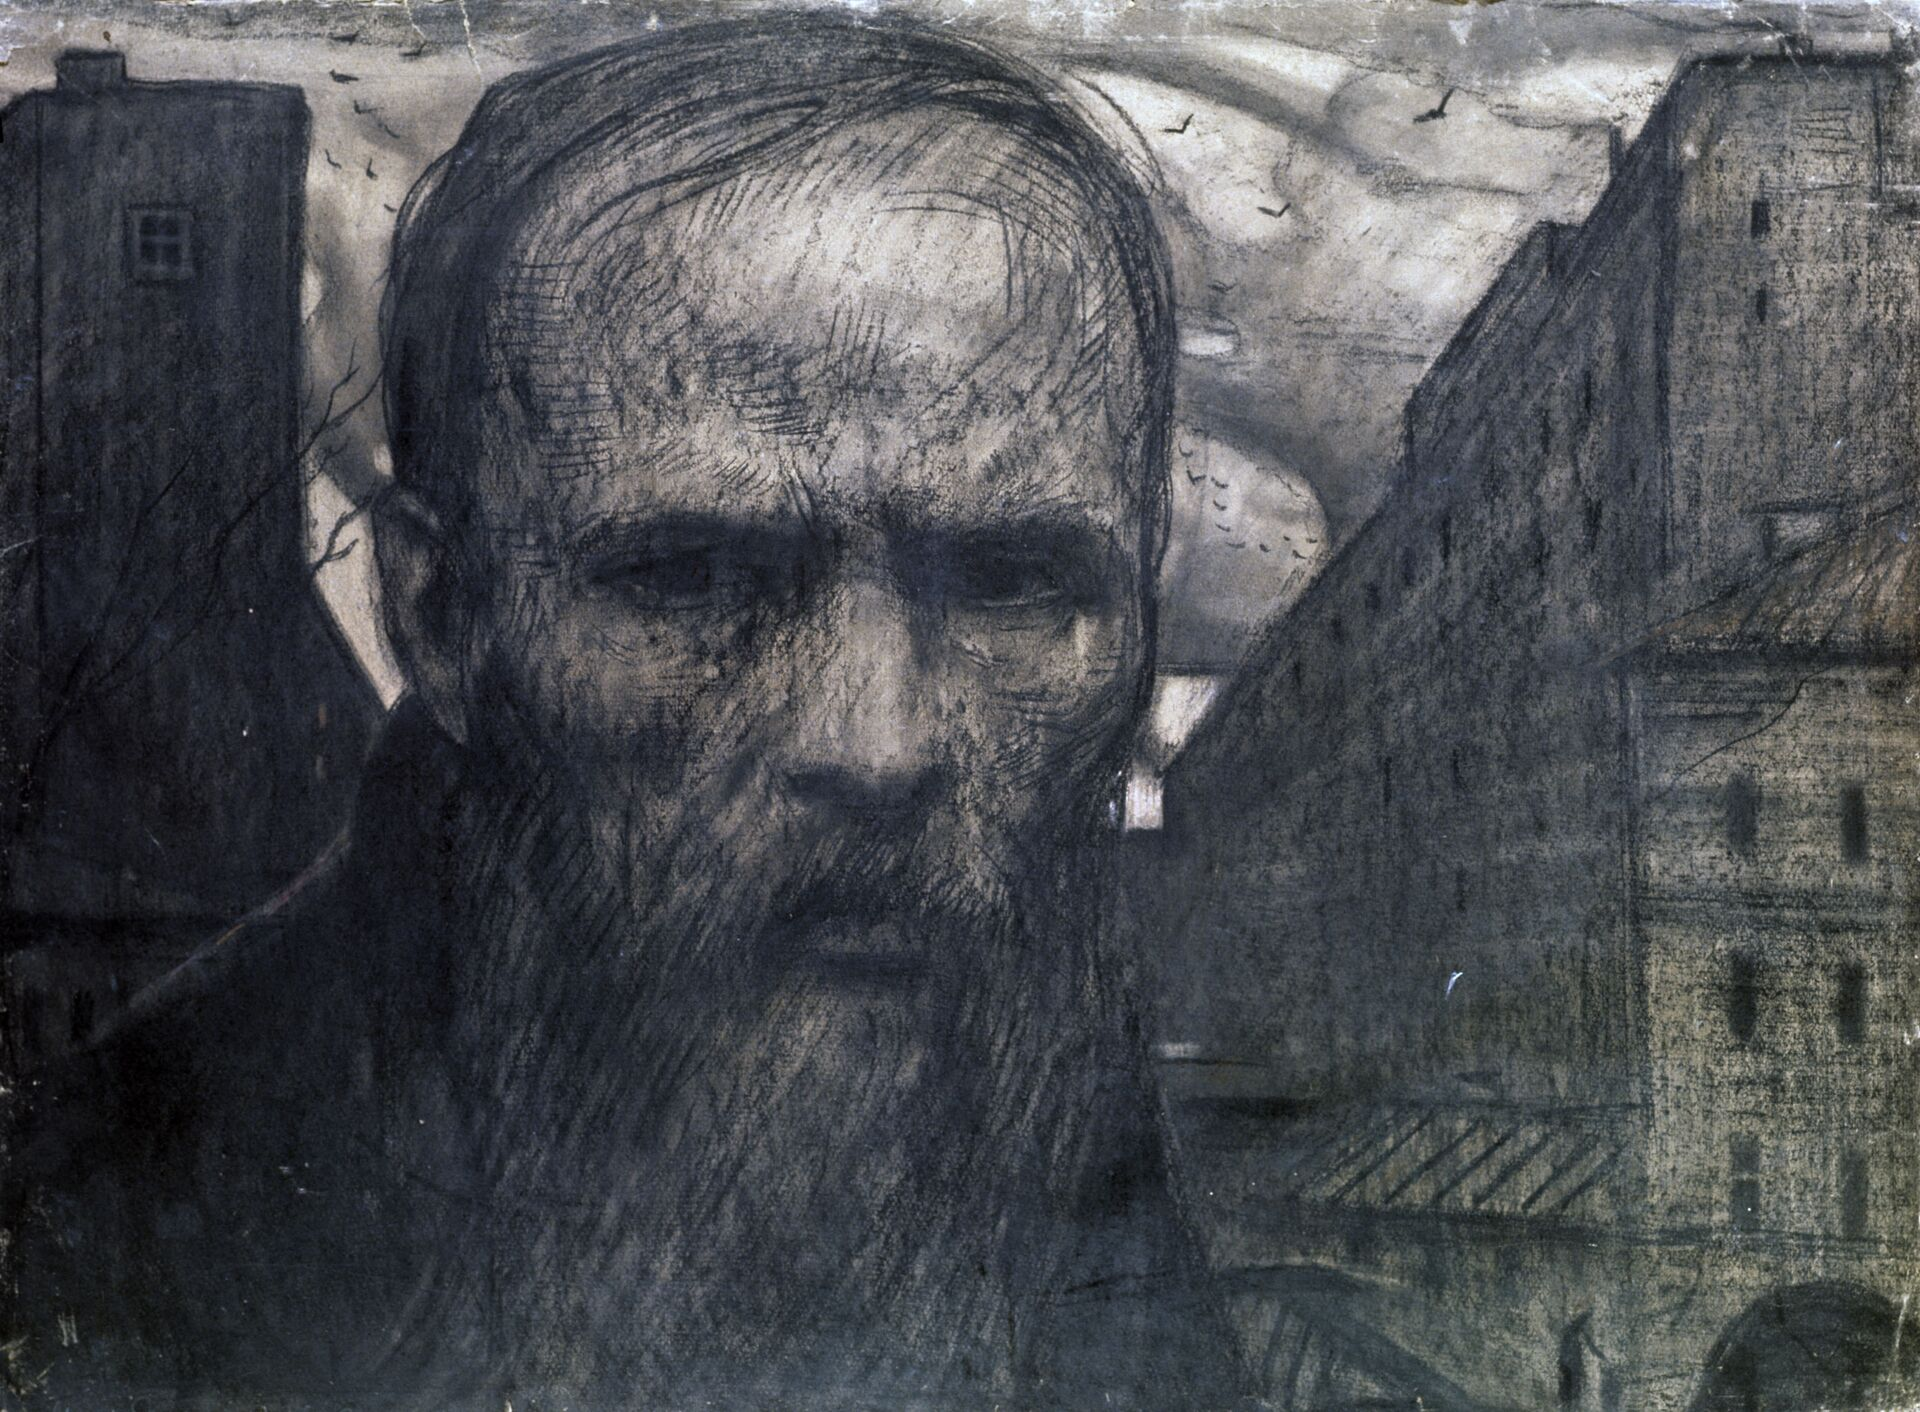 Od nevolja do nadahnuća: Puškin, Dostojevski i drugi ruski pisci koji su voleli kockanje - Sputnik Srbija, 1920, 21.02.2021